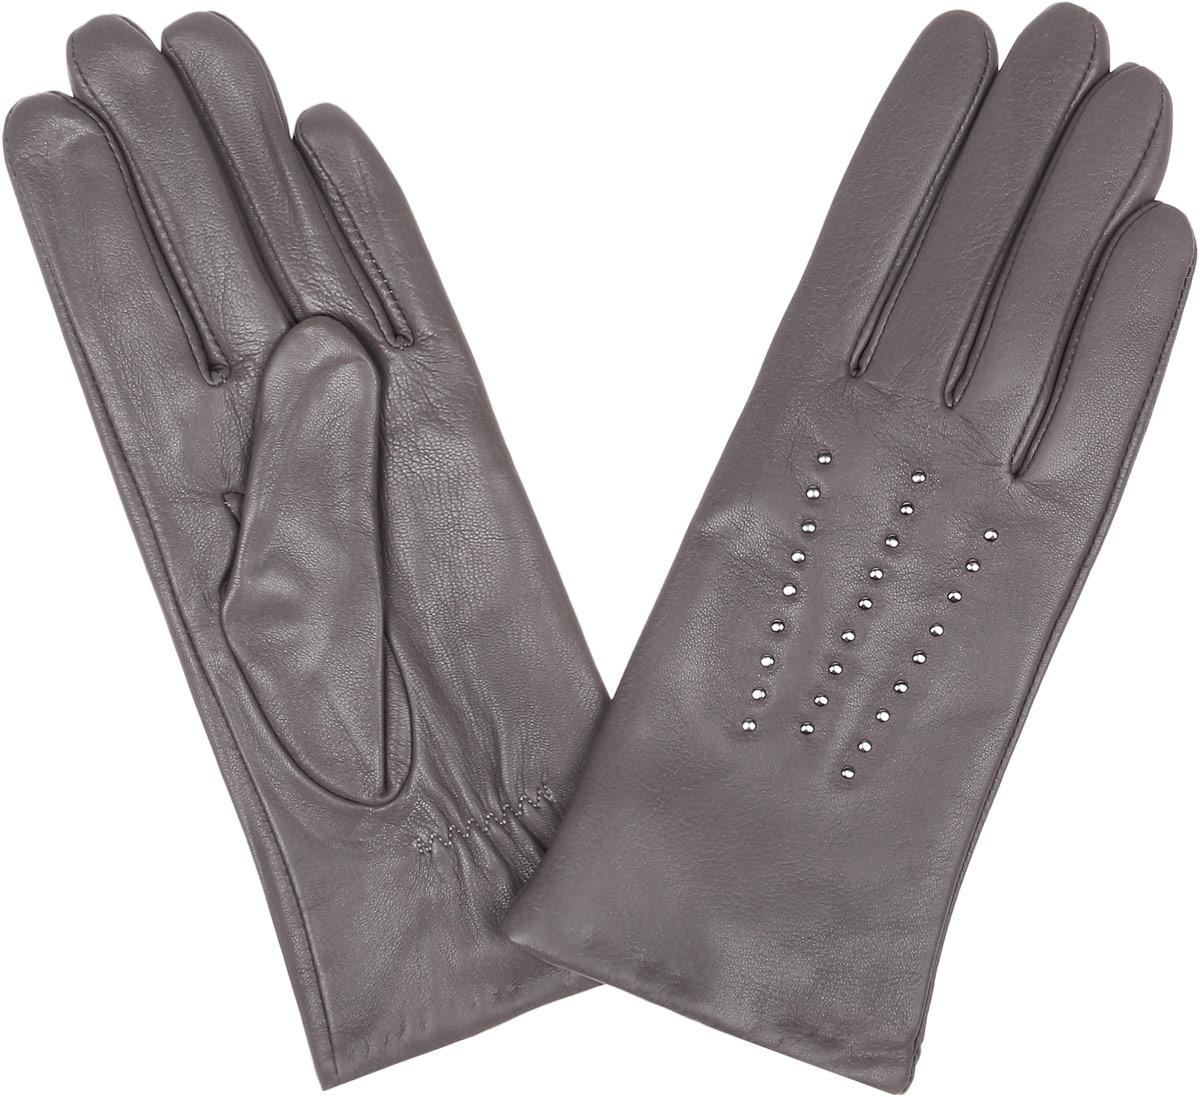 Перчатки женские Fabretti, цвет: серый. 15.1-9. Размер 6,515.1-9_greyСтильные женские перчатки Fabretti не только защитят ваши руки, но и станут великолепным украшением. Перчатки выполнены из натуральной кожи ягненка, а их подкладка - из высококачественной шерсти с добавлением кашемира.Модель оформлена оригинальными металлическими клепками и дополнена строчками -стежками на запястье.Стильный аксессуар для повседневного образа.